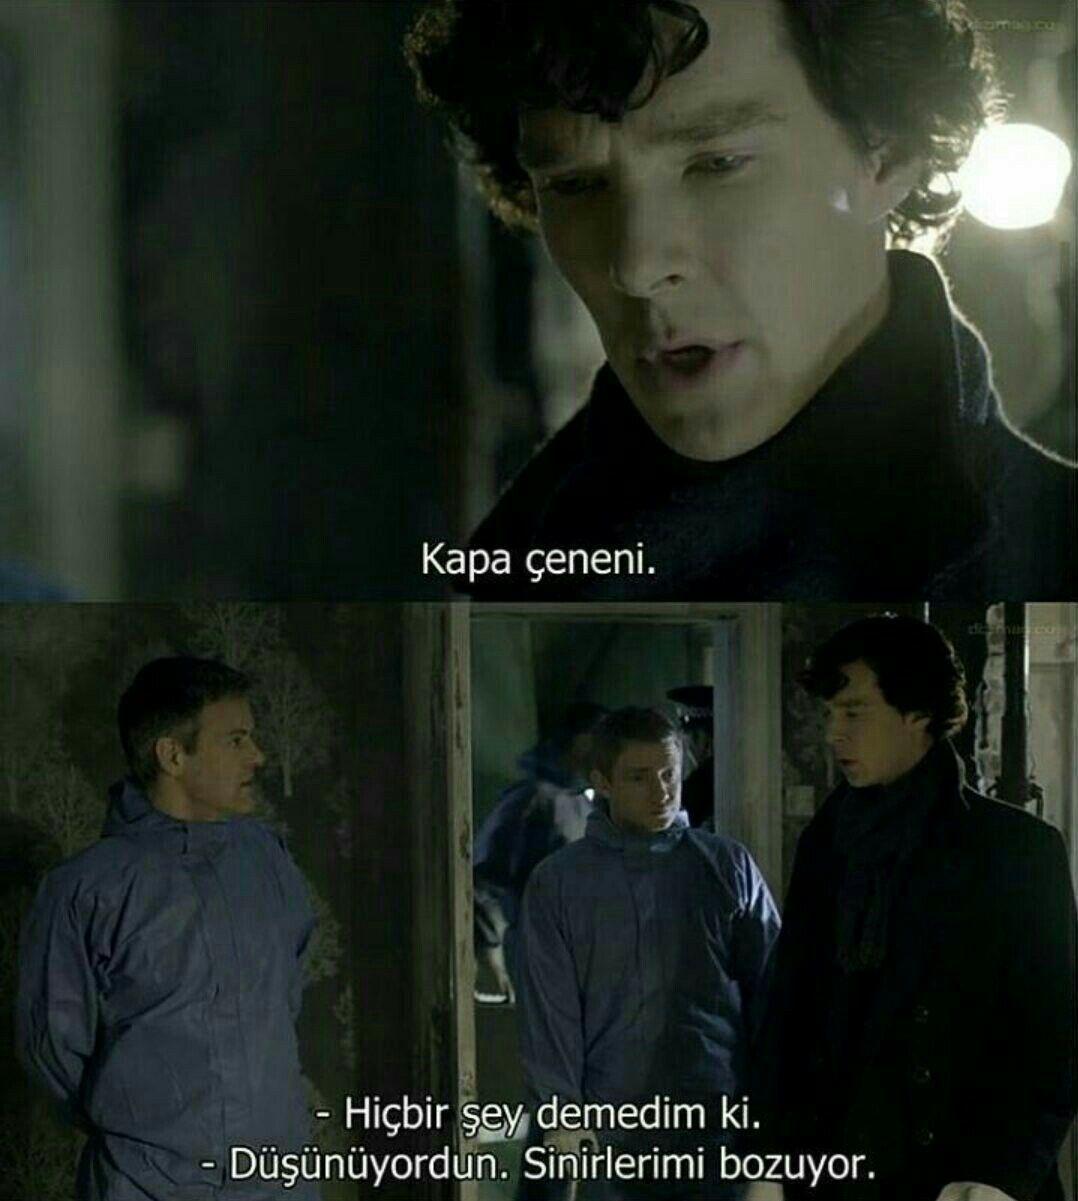 3 bölüm izlemek için sene boyu beklediğimiz Sherlock Holmes'tan en iyi 10 replik!